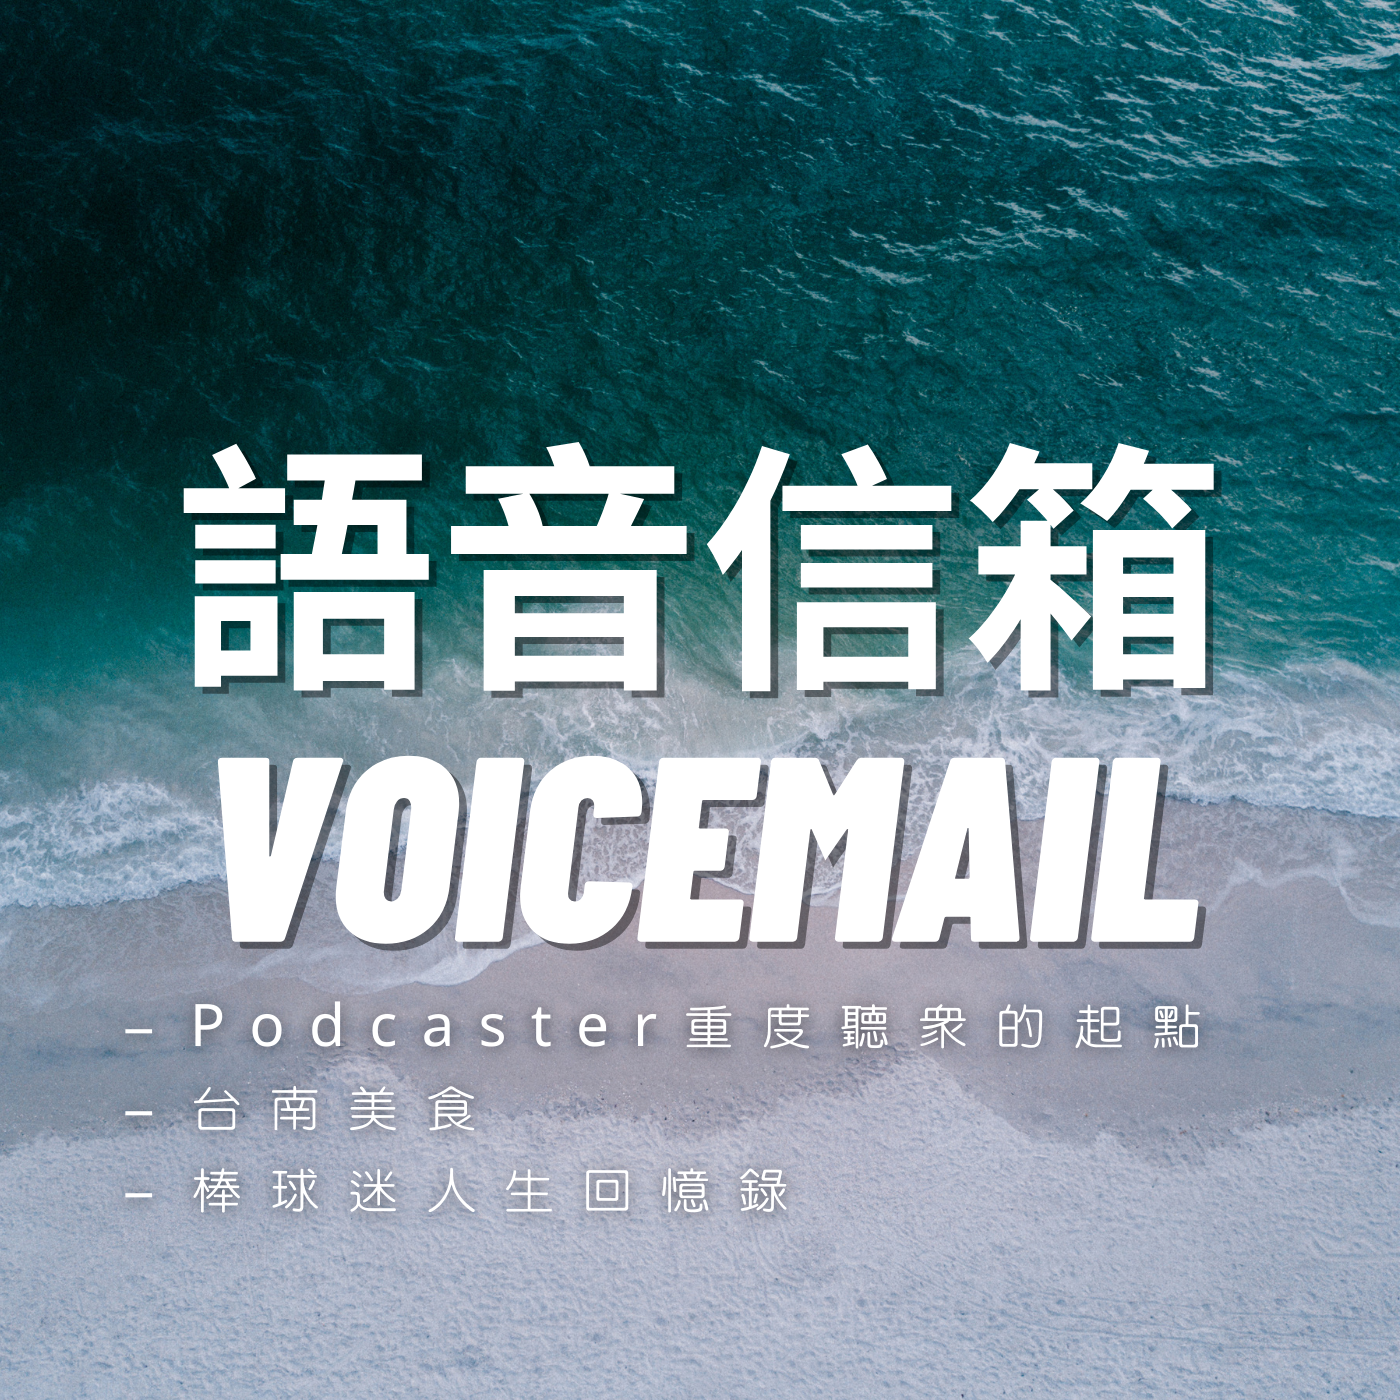 [語音信箱] 0908 快問快答-每天花多少時間收聽podcast?喜歡什麼台南美食?支持哪支棒球隊?